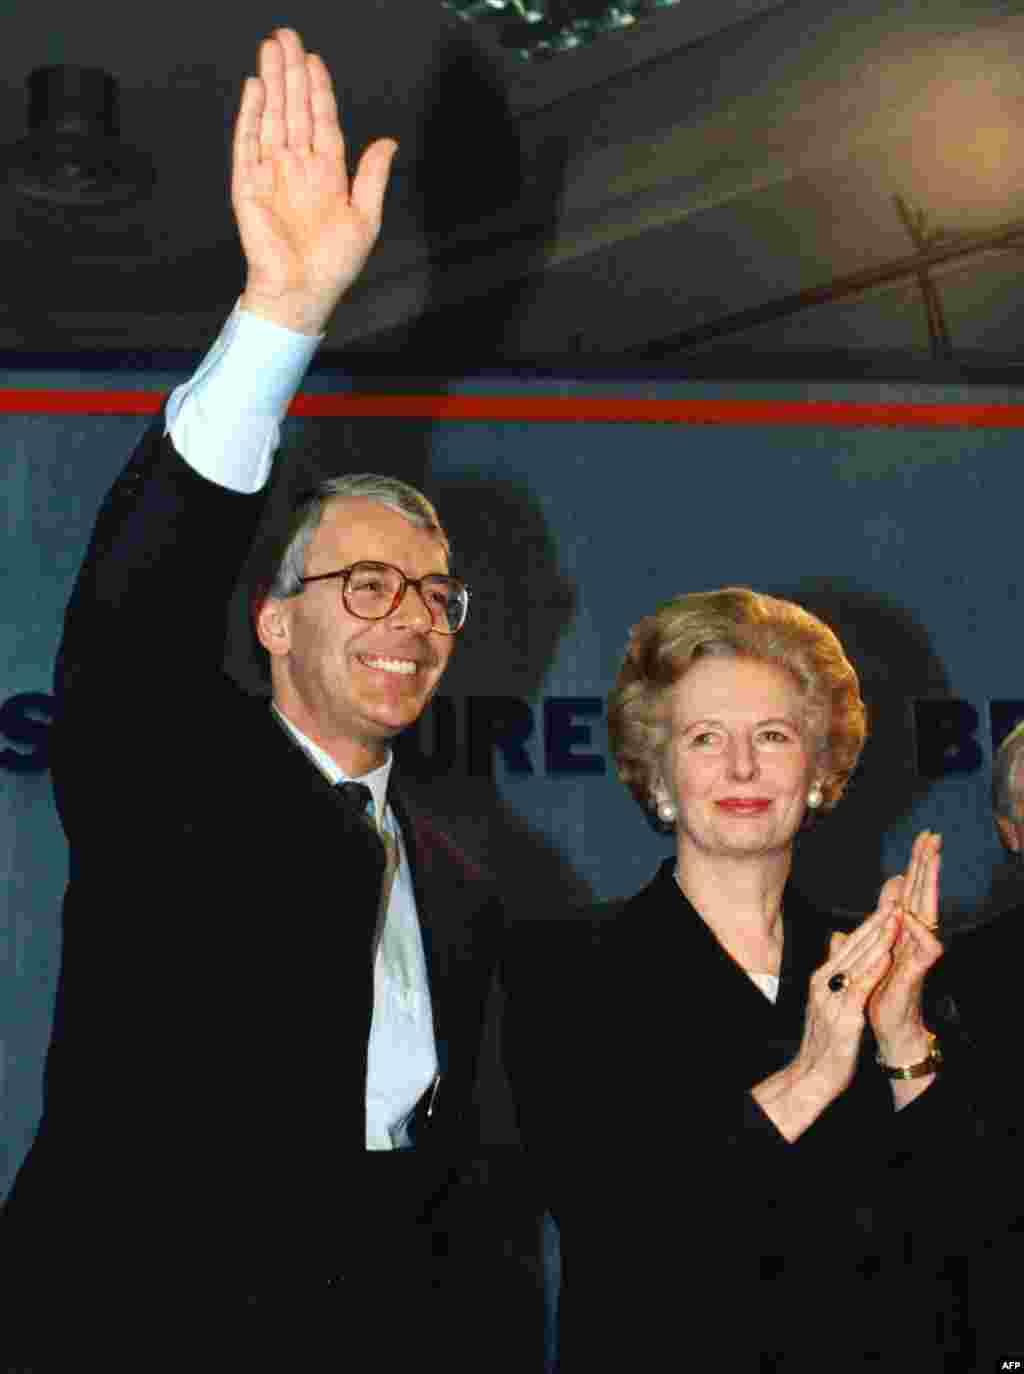 Margaret Thatcher applauds as her successor, John Major, waves in London in March 1992.